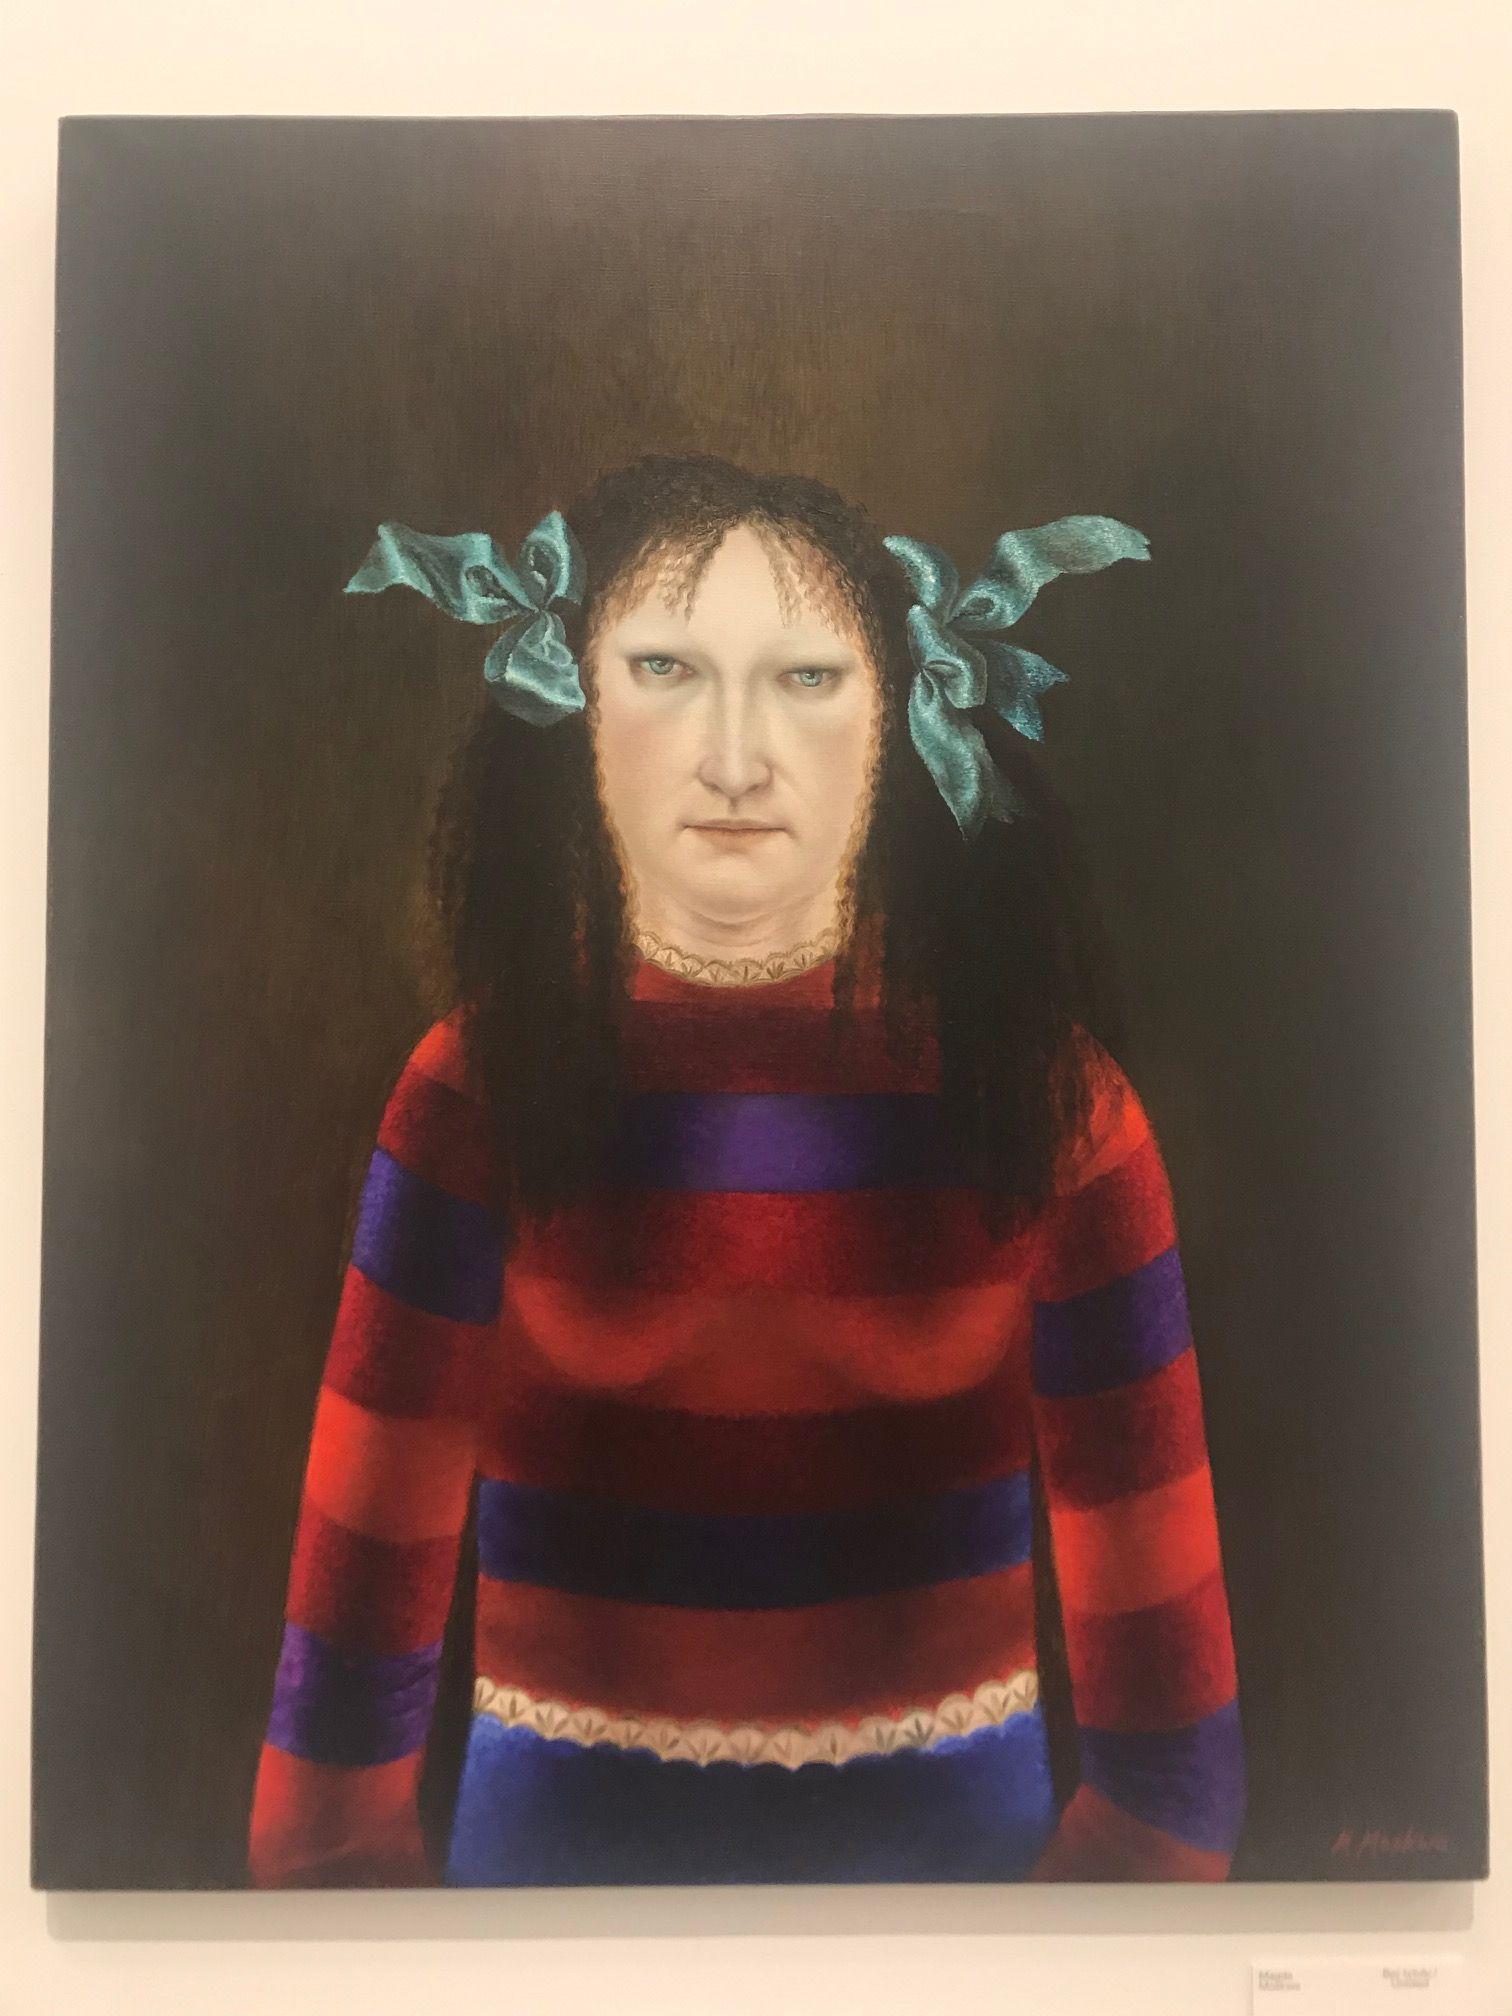 Magda Moskwa, Untitled, wystawa Farba znaczy krew